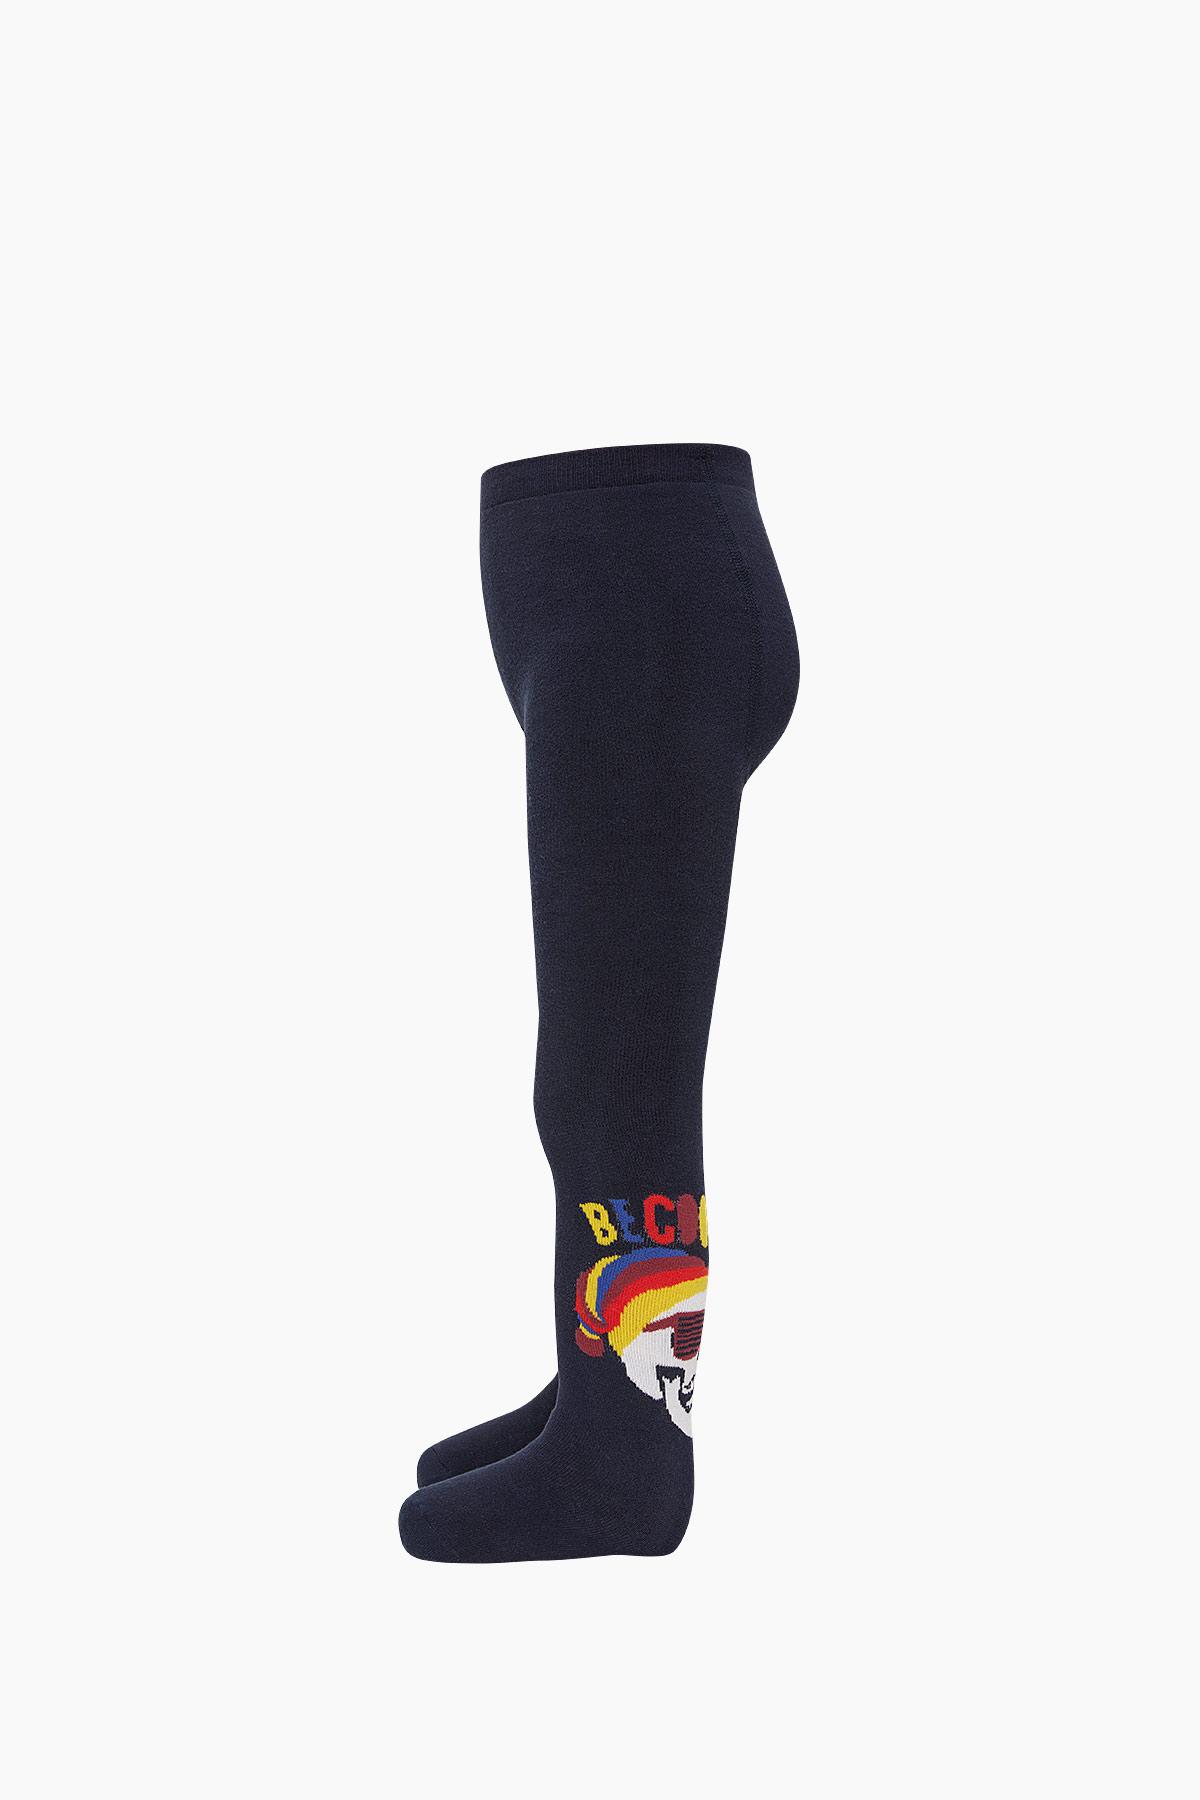 Bross Kuru Kafa Desenli Havlu Külotlu Çocuk Çorabı - Thumbnail